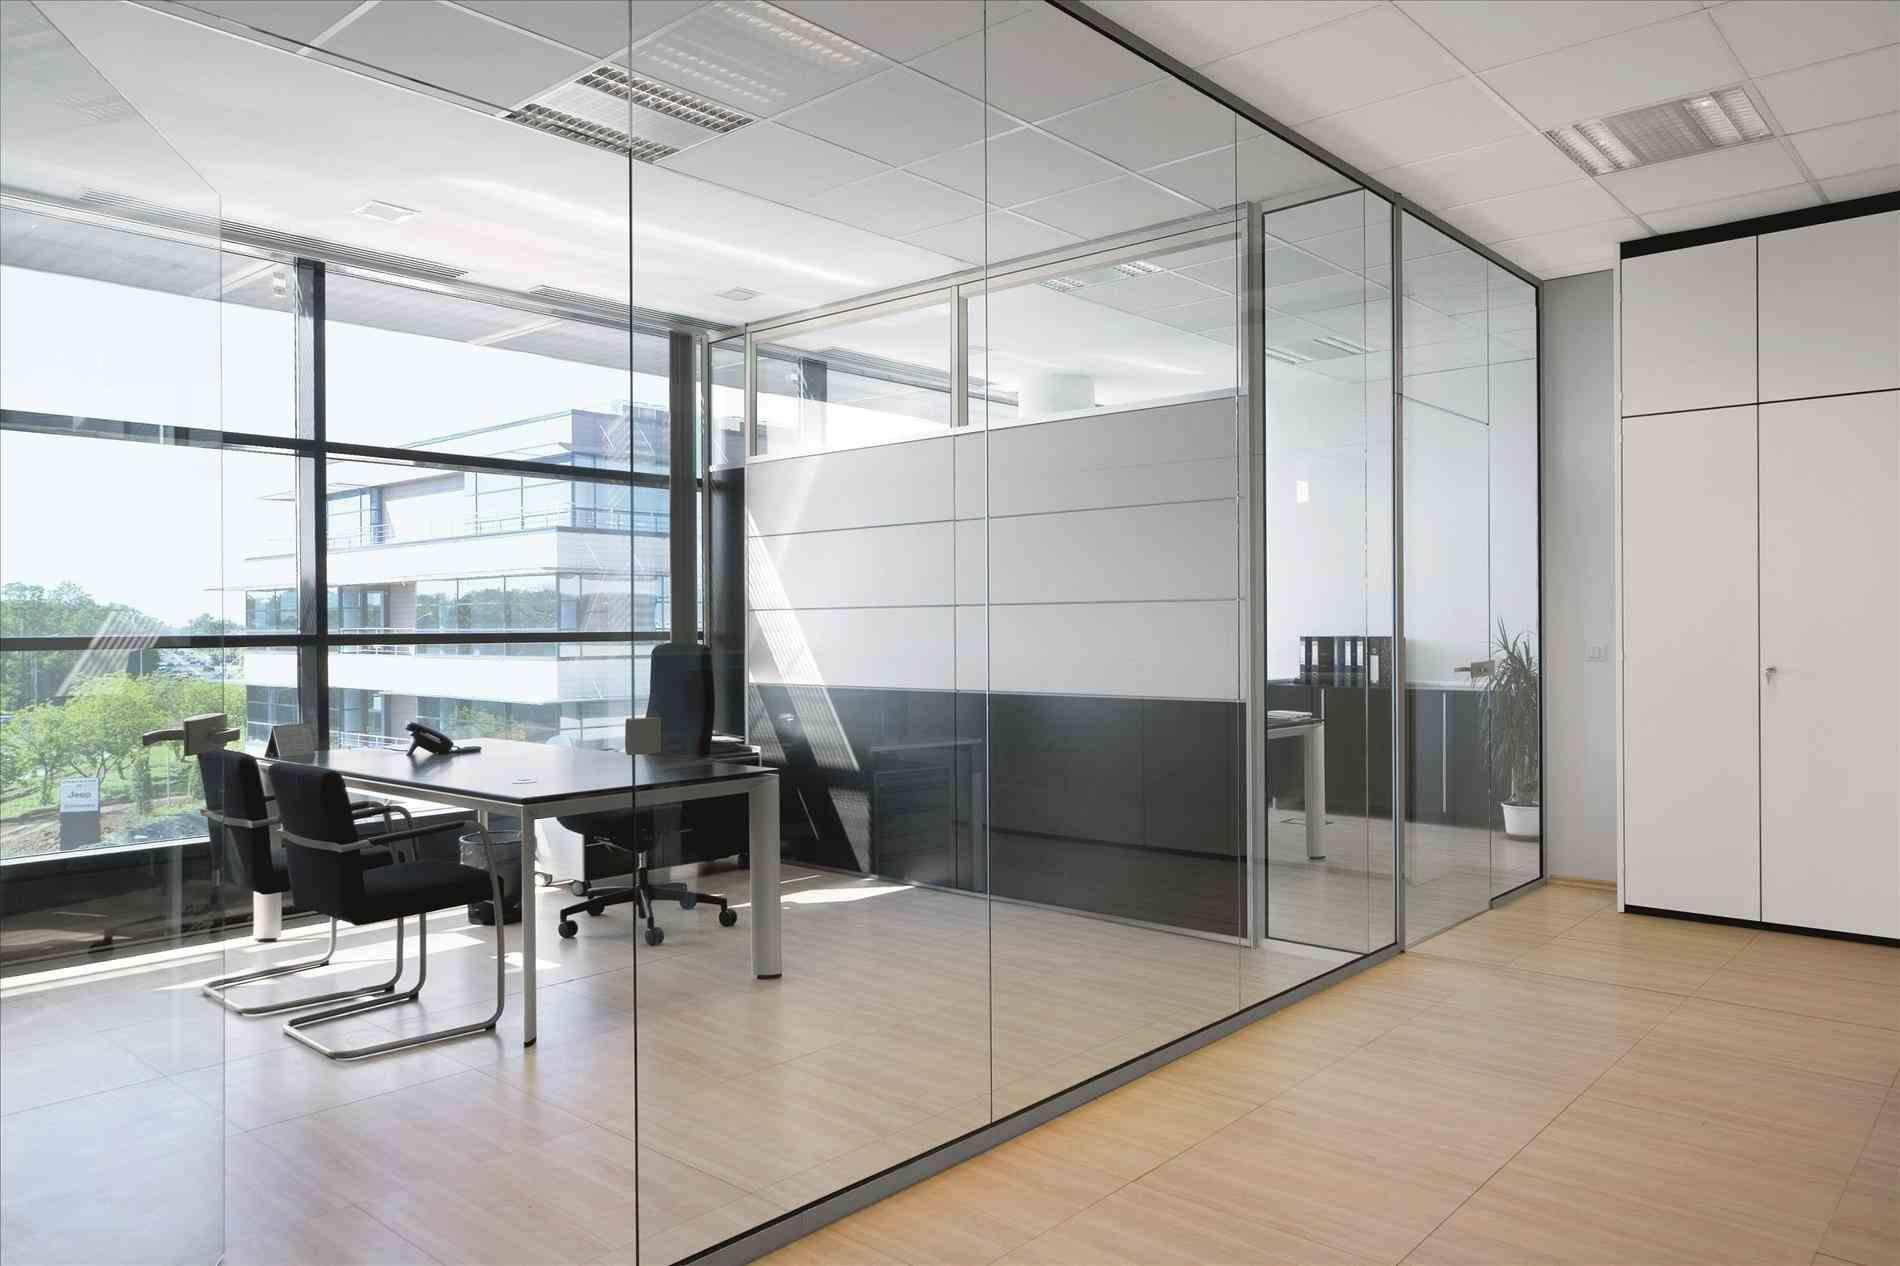 escritorio-divisoria-vidro